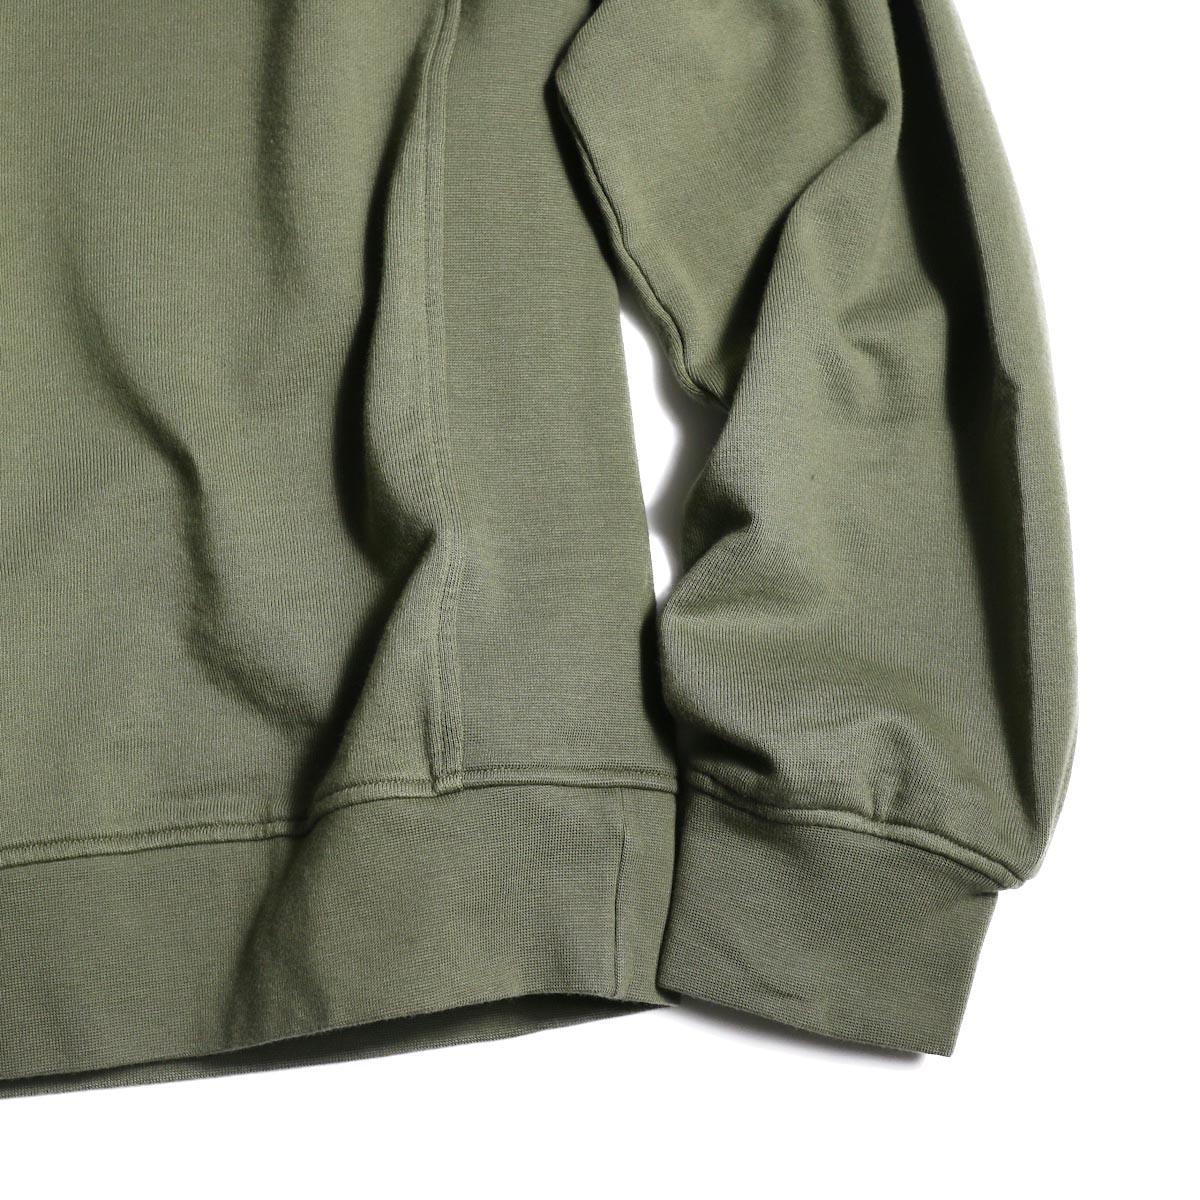 visvim / JV CREW L/S (Olive) 袖、裾